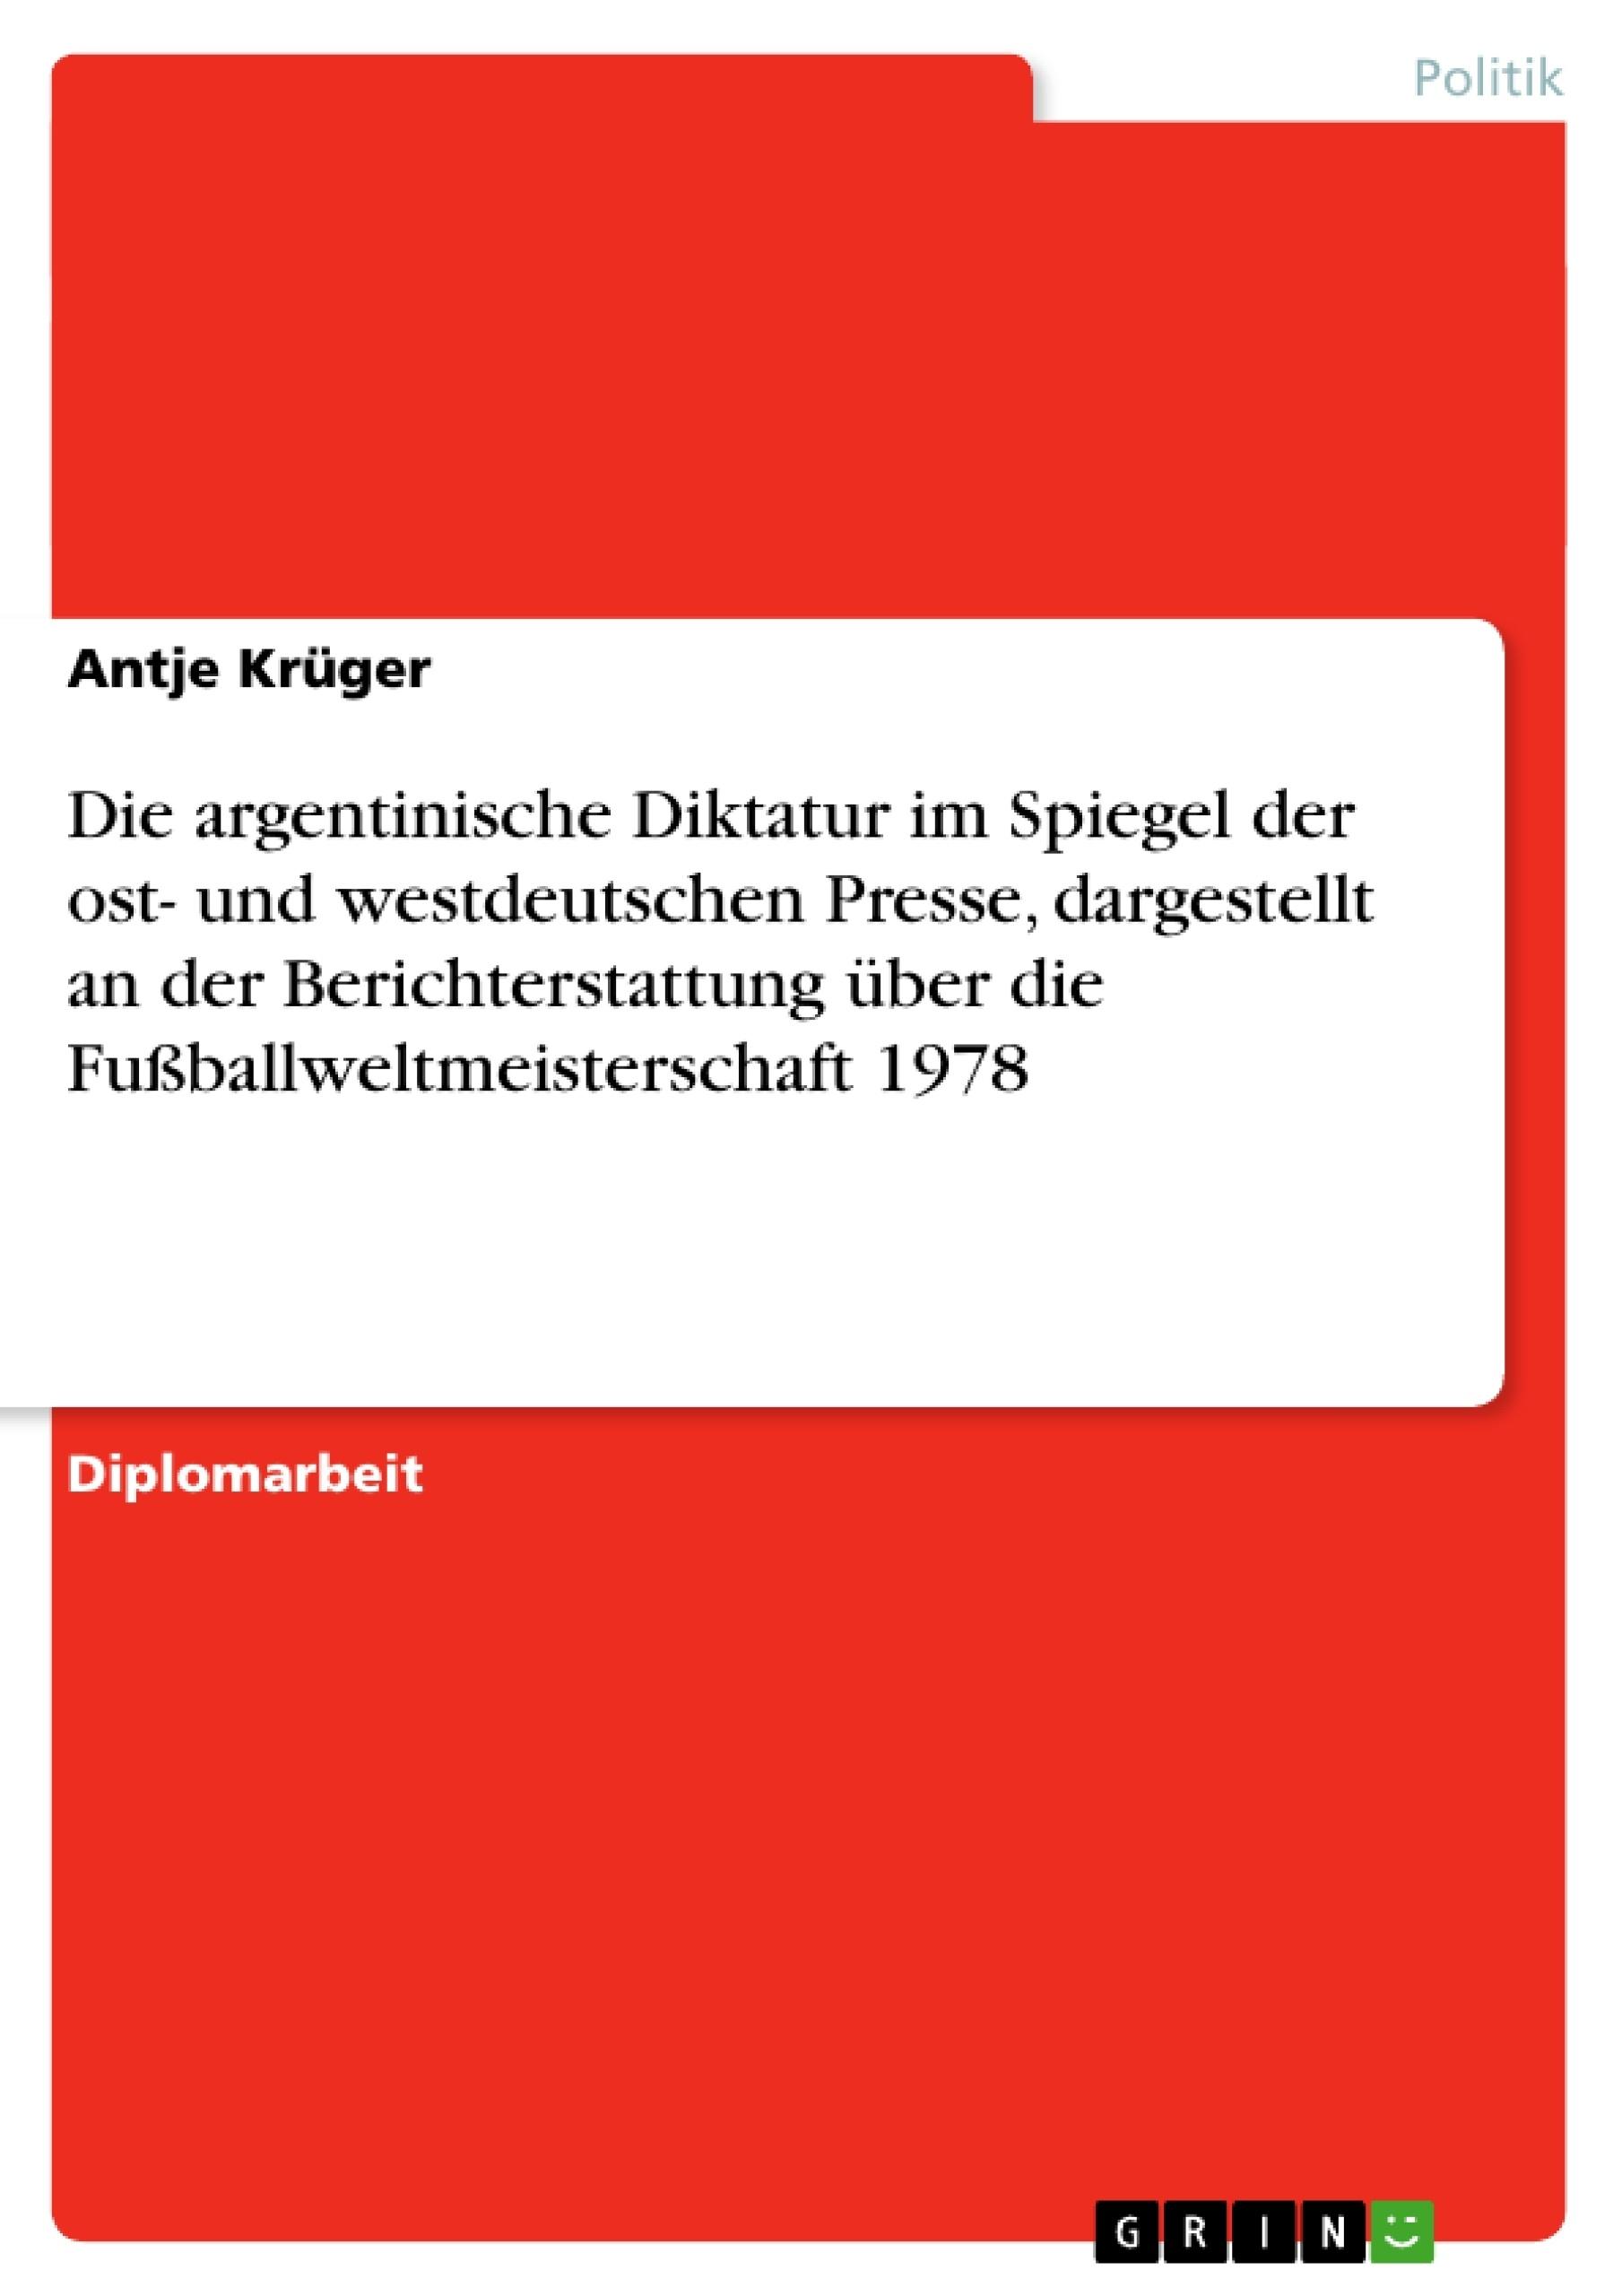 Titel: Die argentinische Diktatur im Spiegel der ost- und westdeutschen Presse, dargestellt an der Berichterstattung über die Fußballweltmeisterschaft 1978